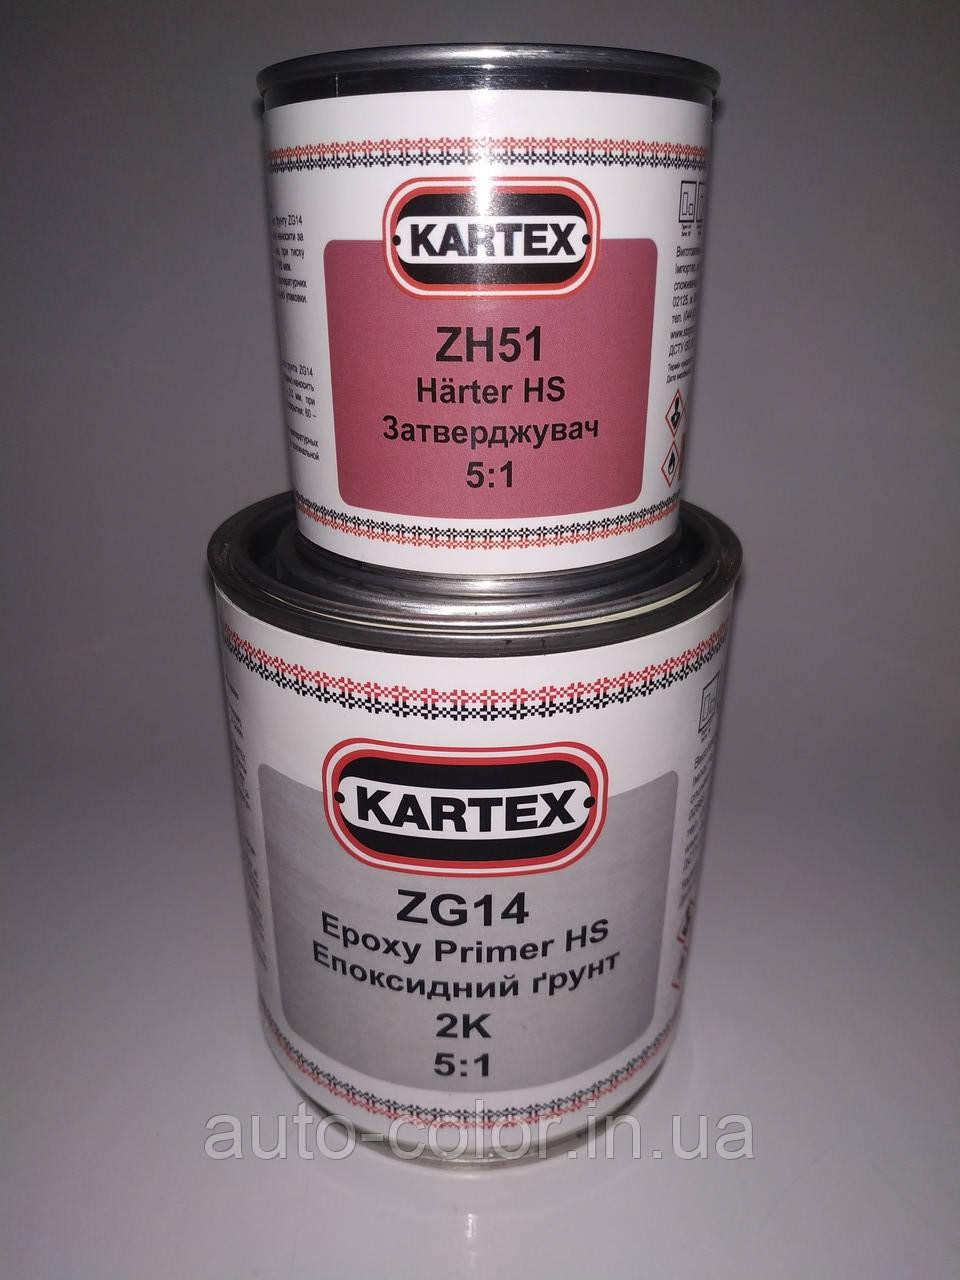 KARTEX  ZG14 2К 5+1 грунт эпоксидный HS 1кг +200гр. отвердитель